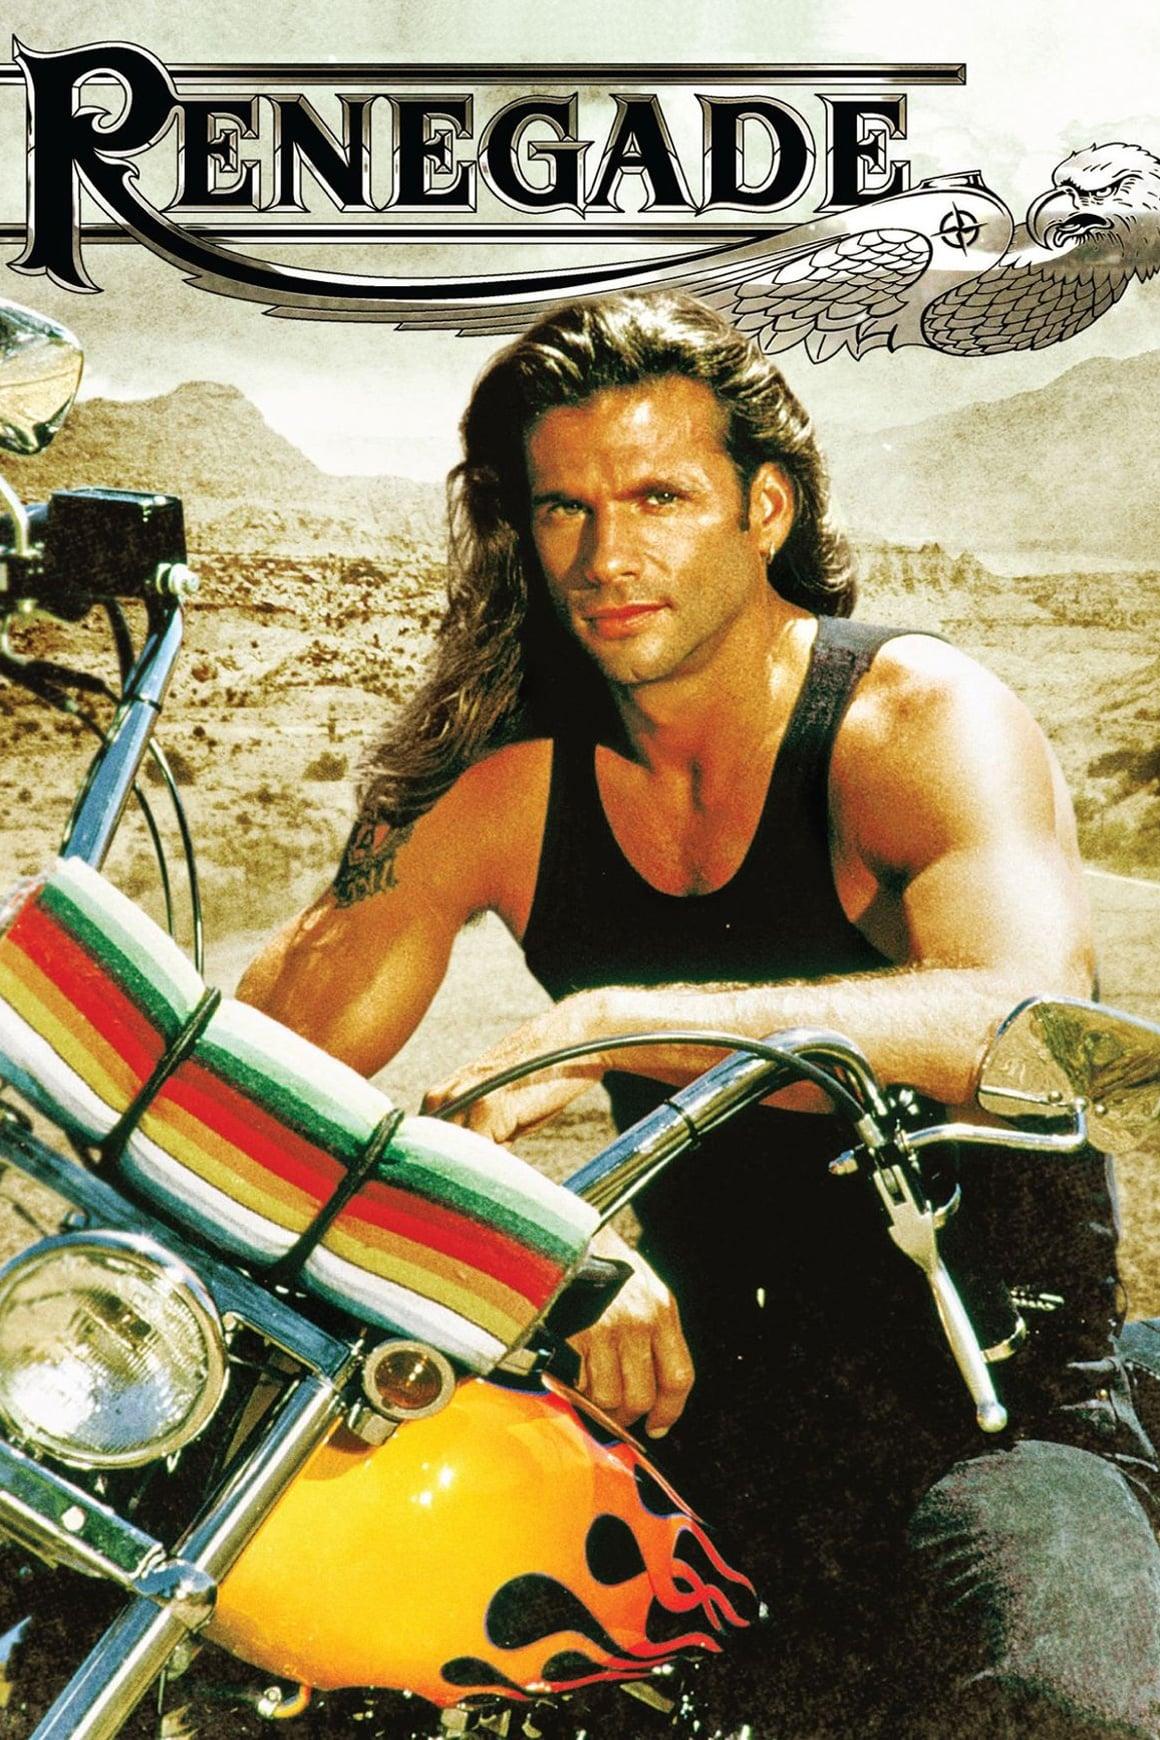 TV Shows Like Hercules: The Legendary Journeys